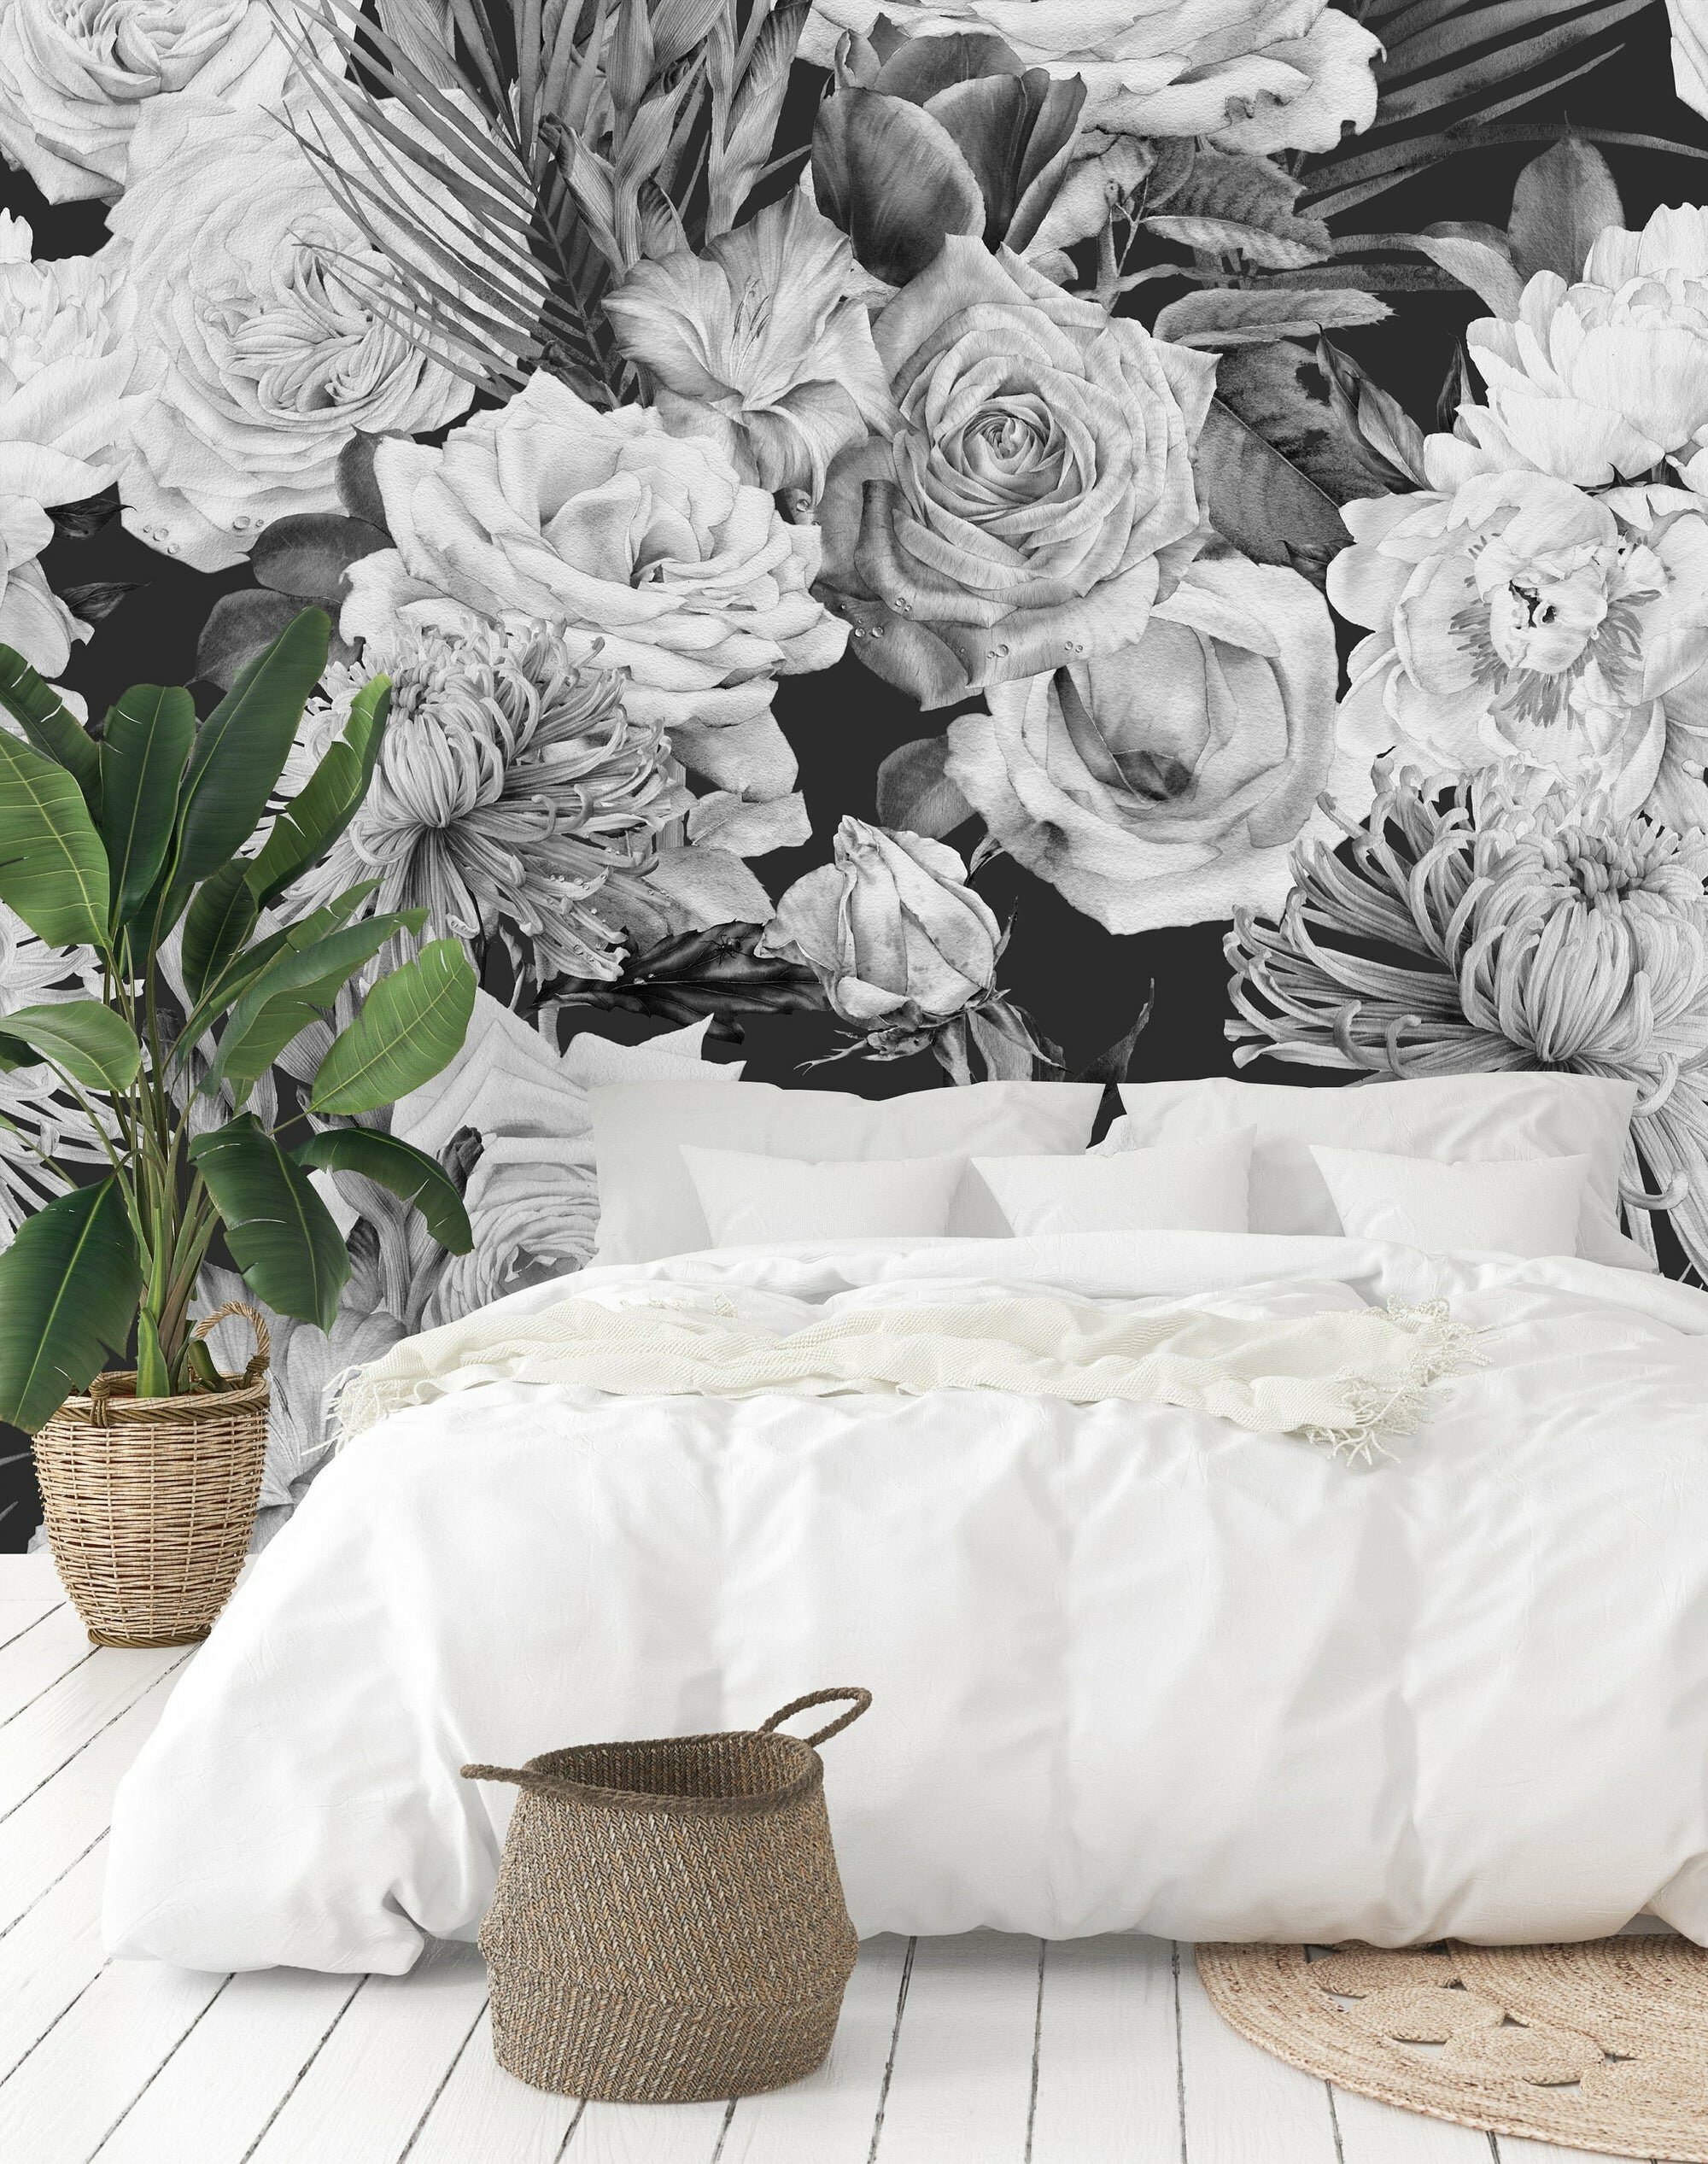 Uniqstiq Vintage Floral Mix Paintable Wall Mural Reviews Wayfair